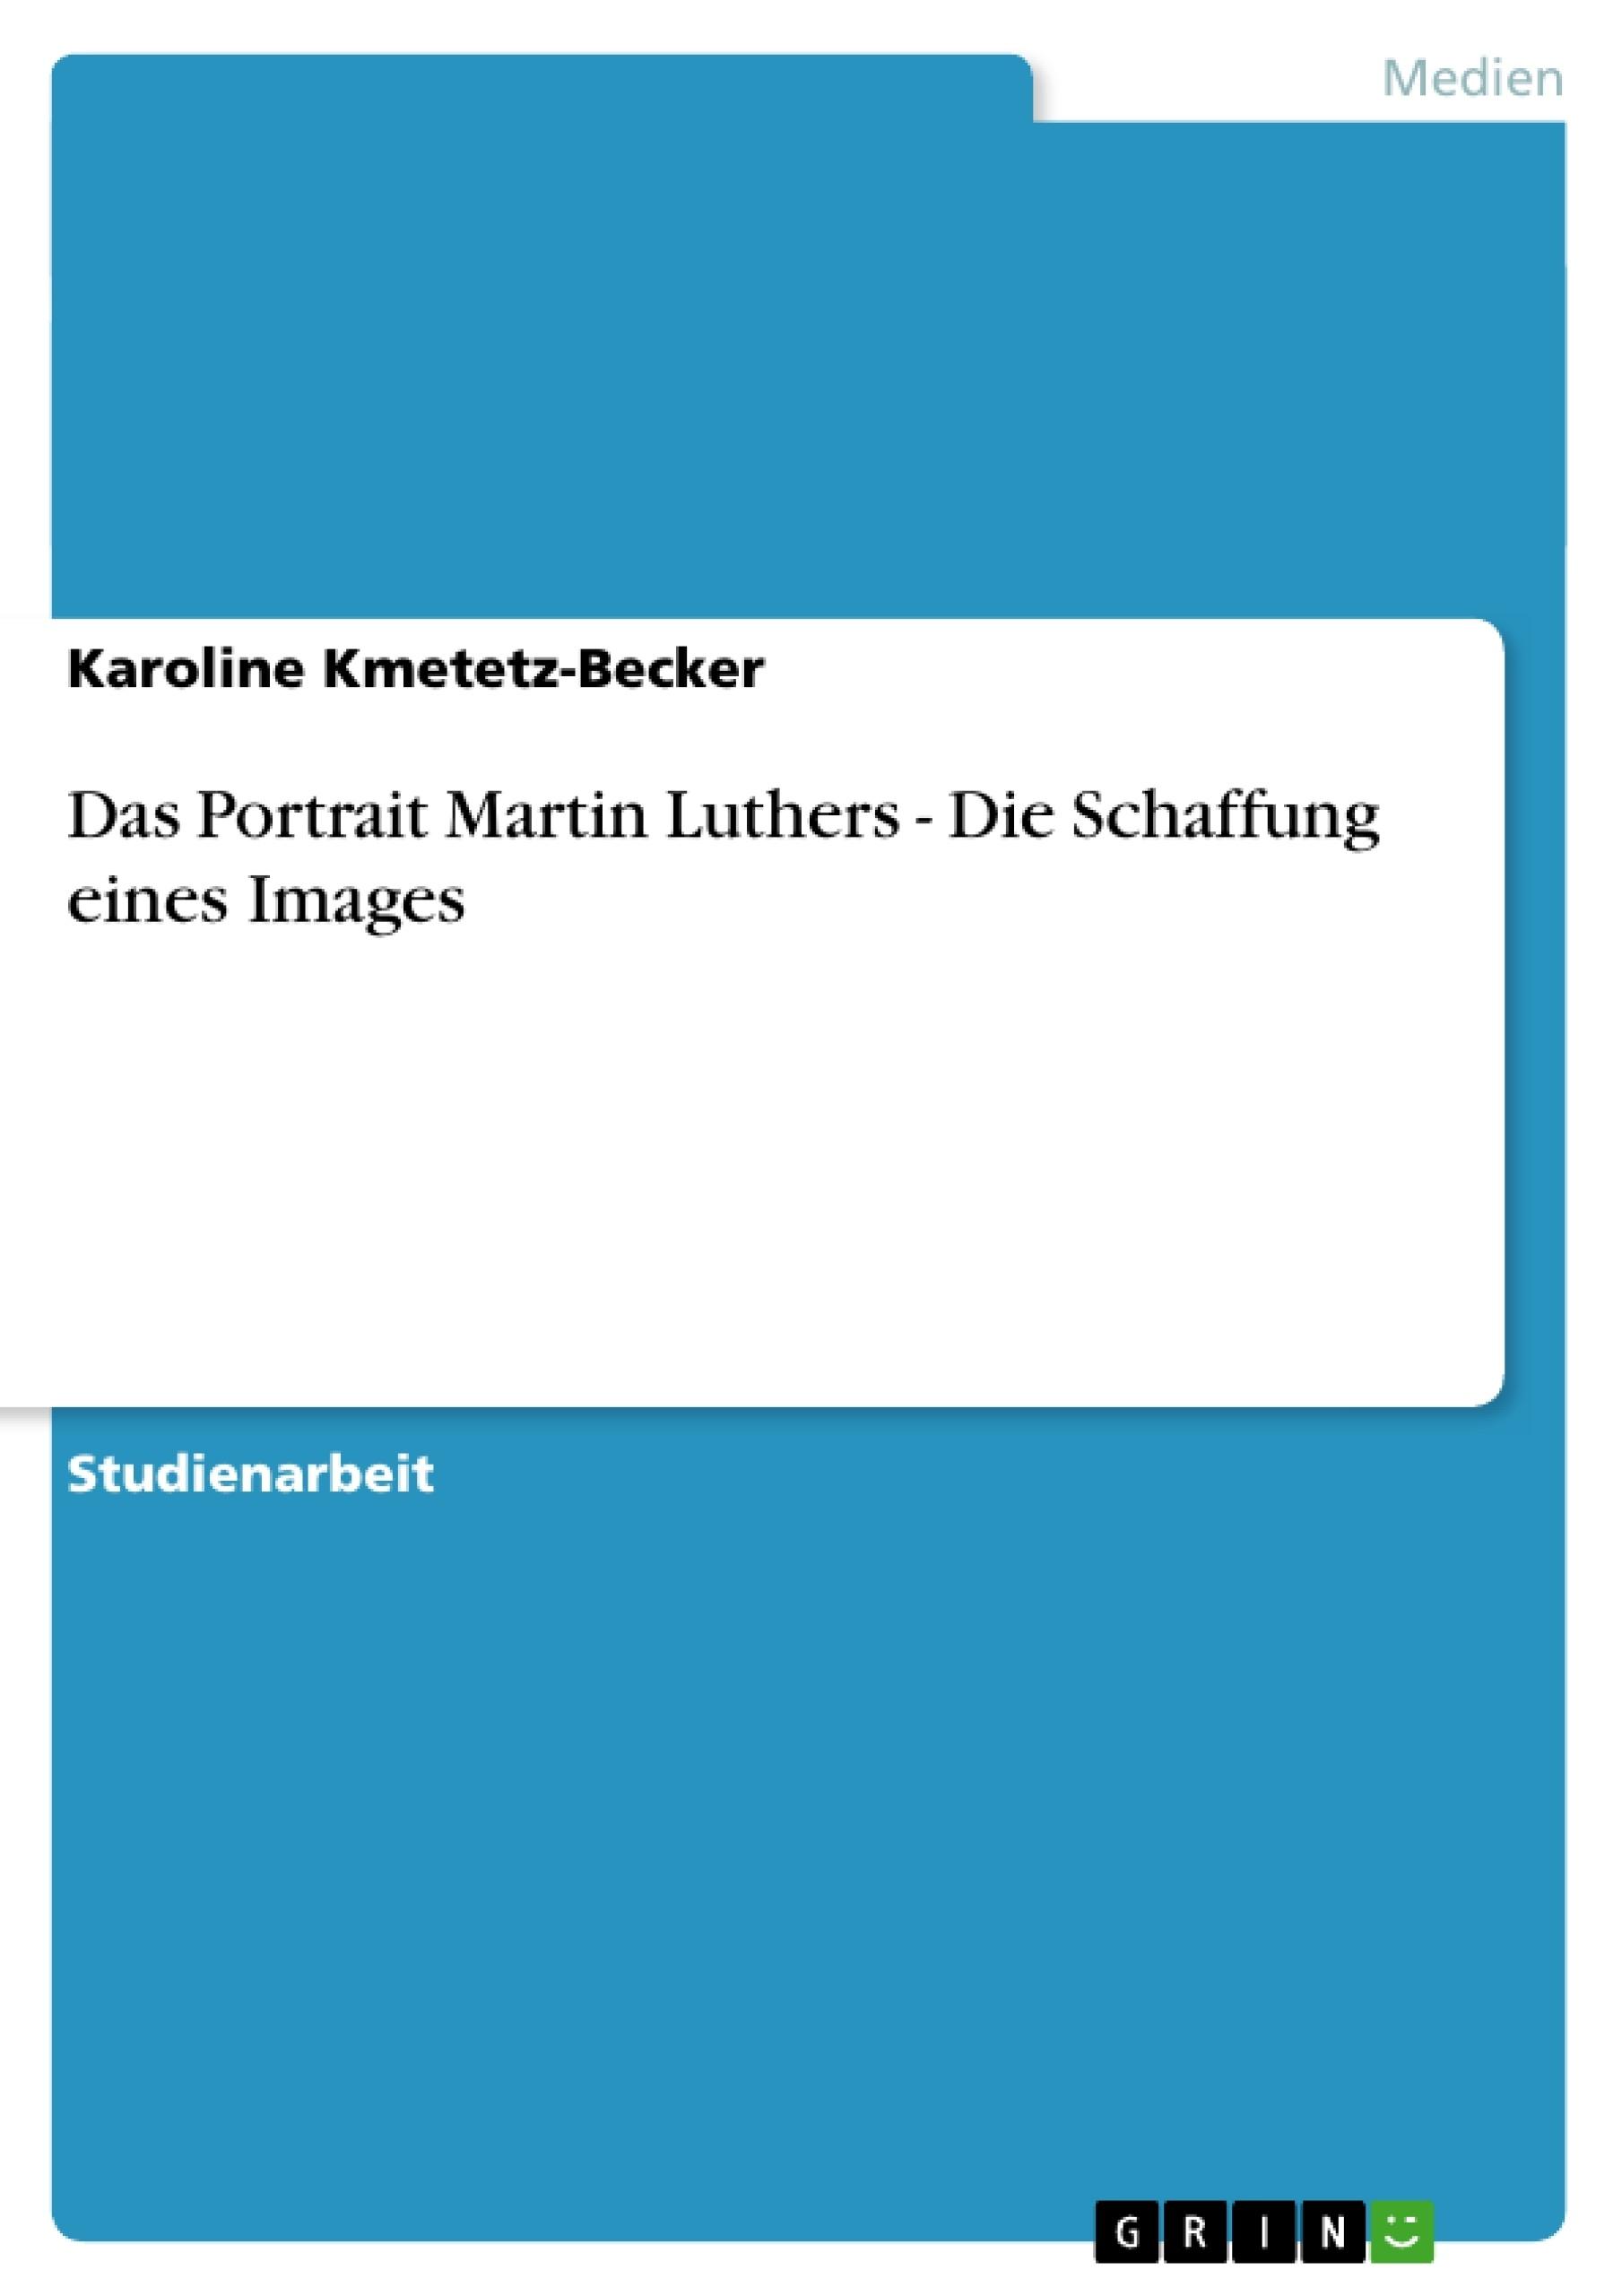 Titel: Das Portrait Martin Luthers - Die Schaffung eines  Images